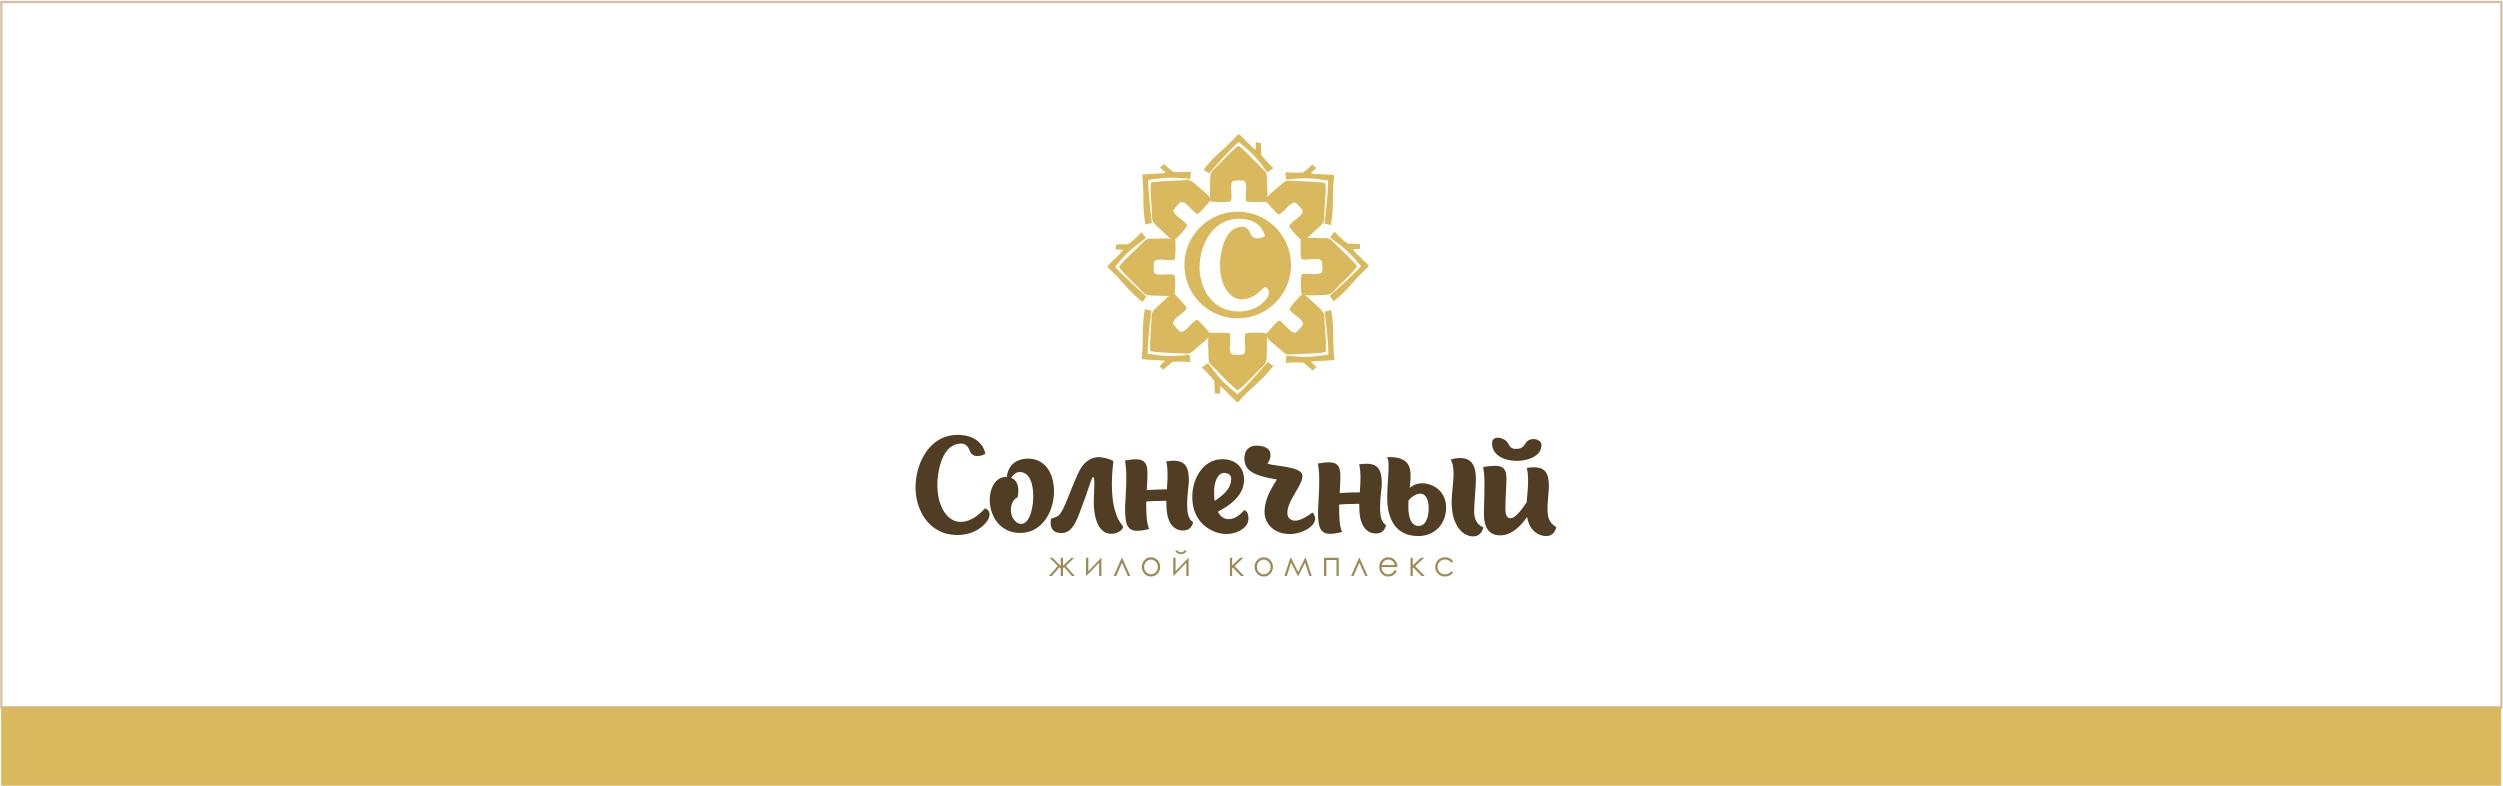 Разработка логотипа и фирменный стиль фото f_269596cffe52fdf3.jpg